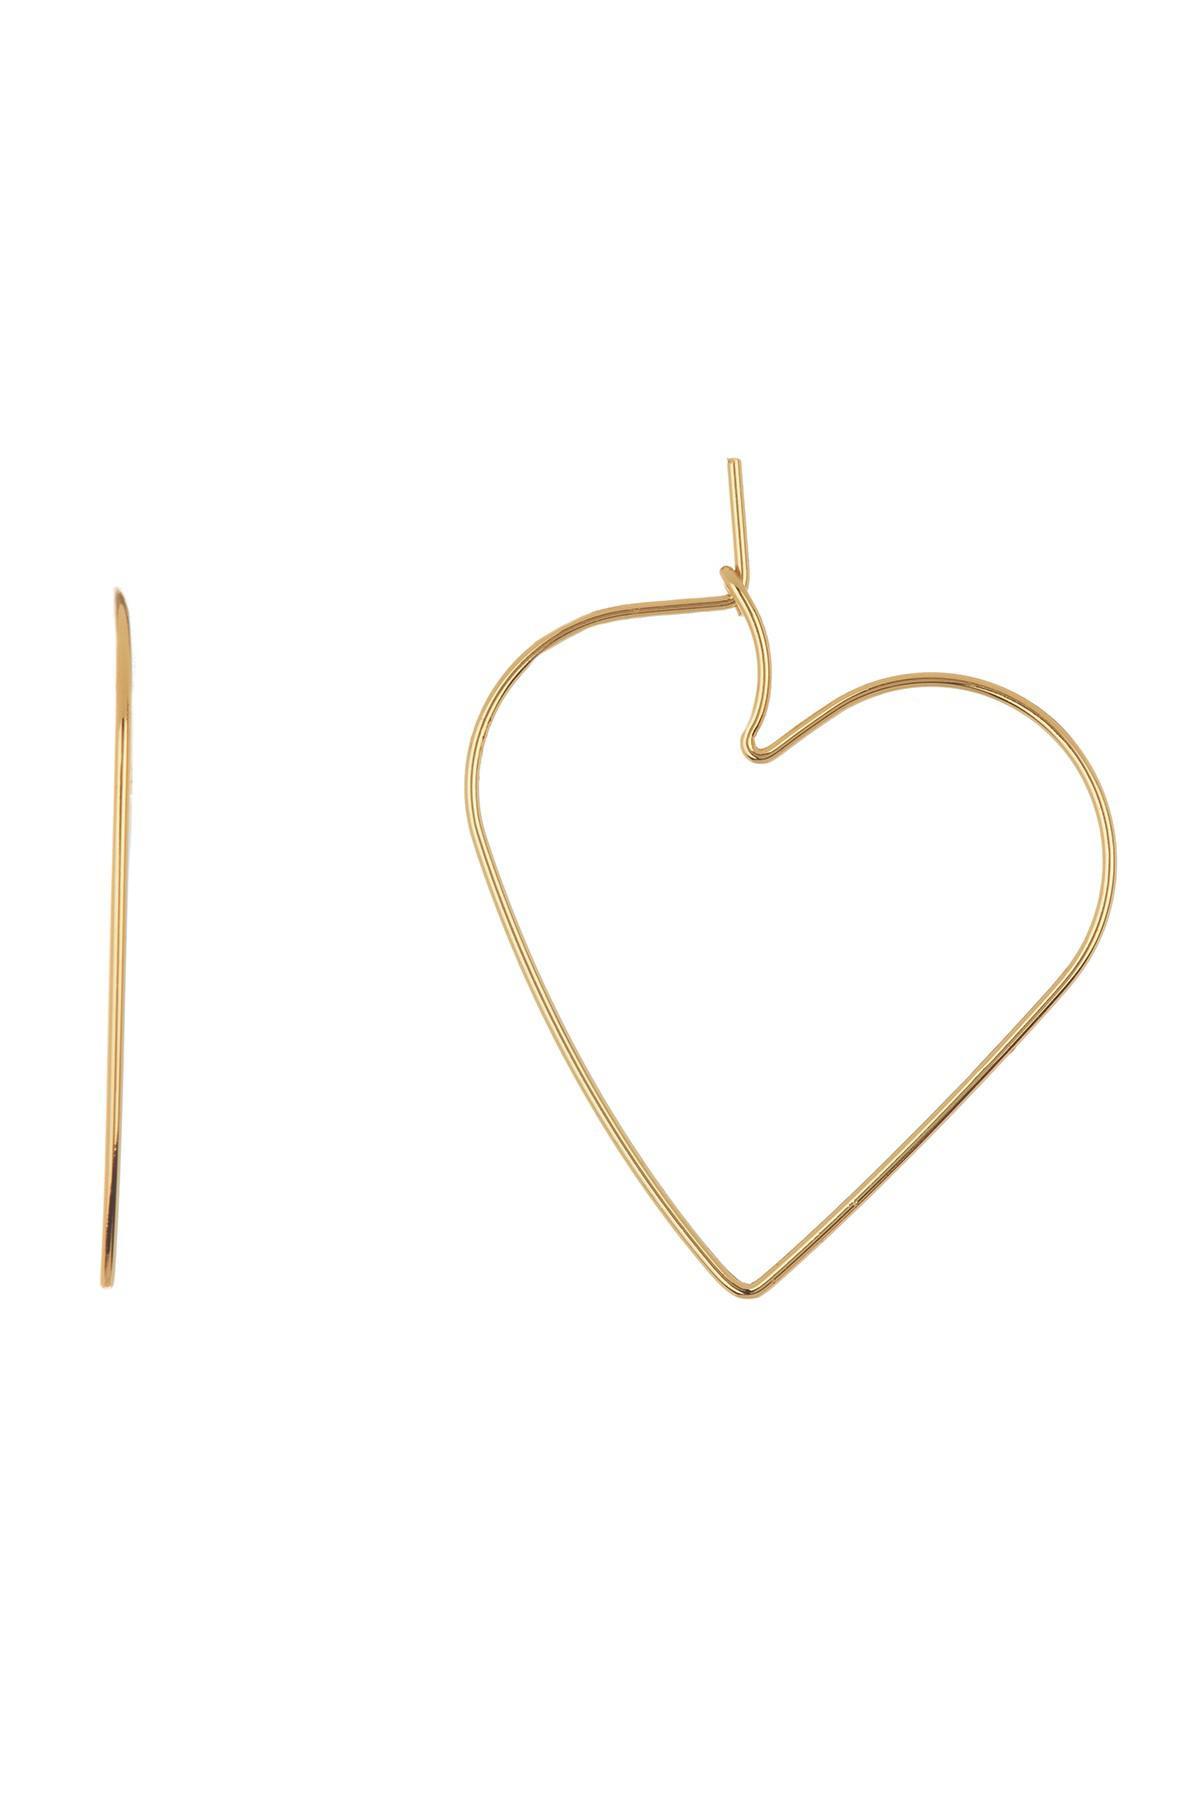 245b2ab14 Lyst - Rebecca Minkoff Love Hoop Heart Earrings in Metallic